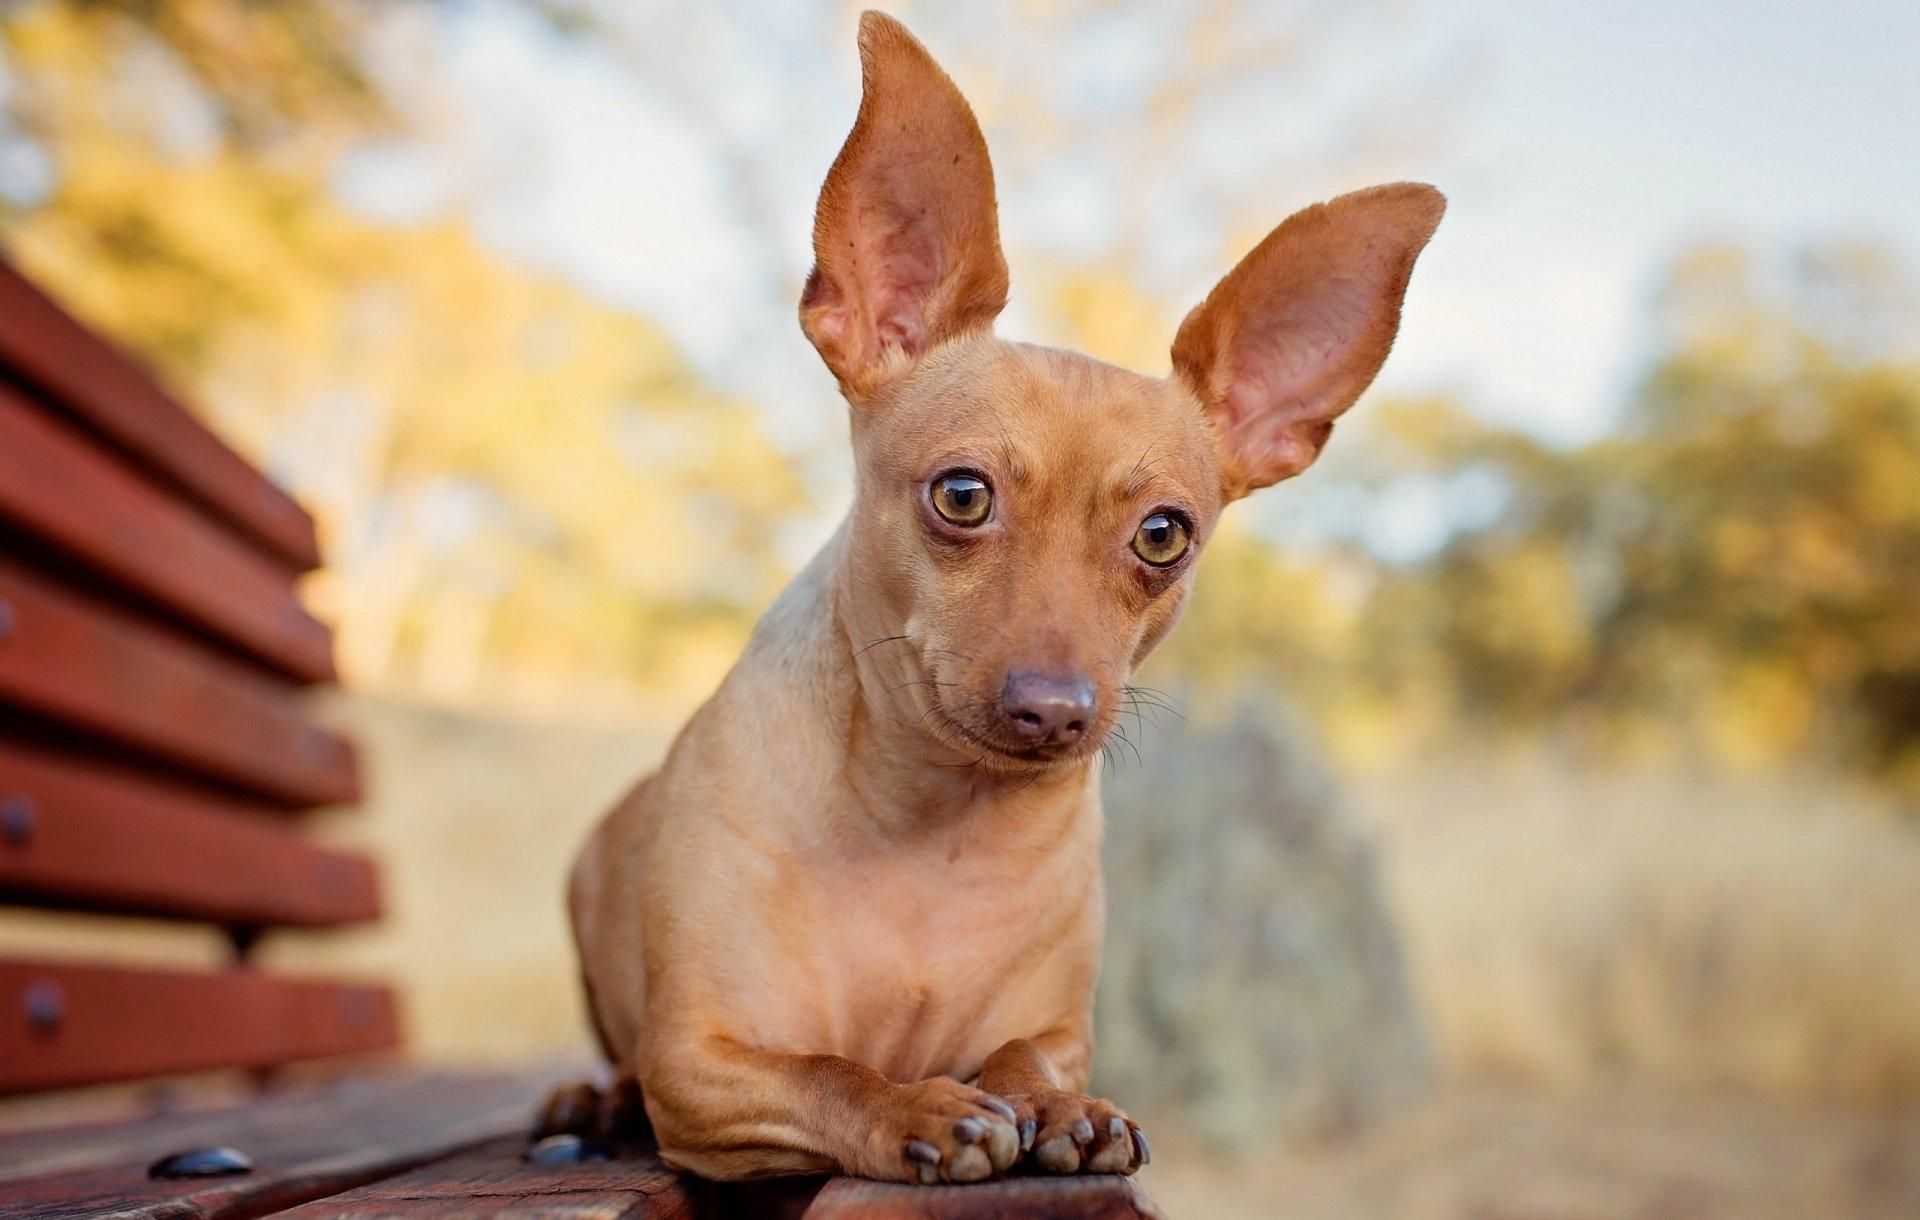 Картинки с маленькими гладкошерстными собаками